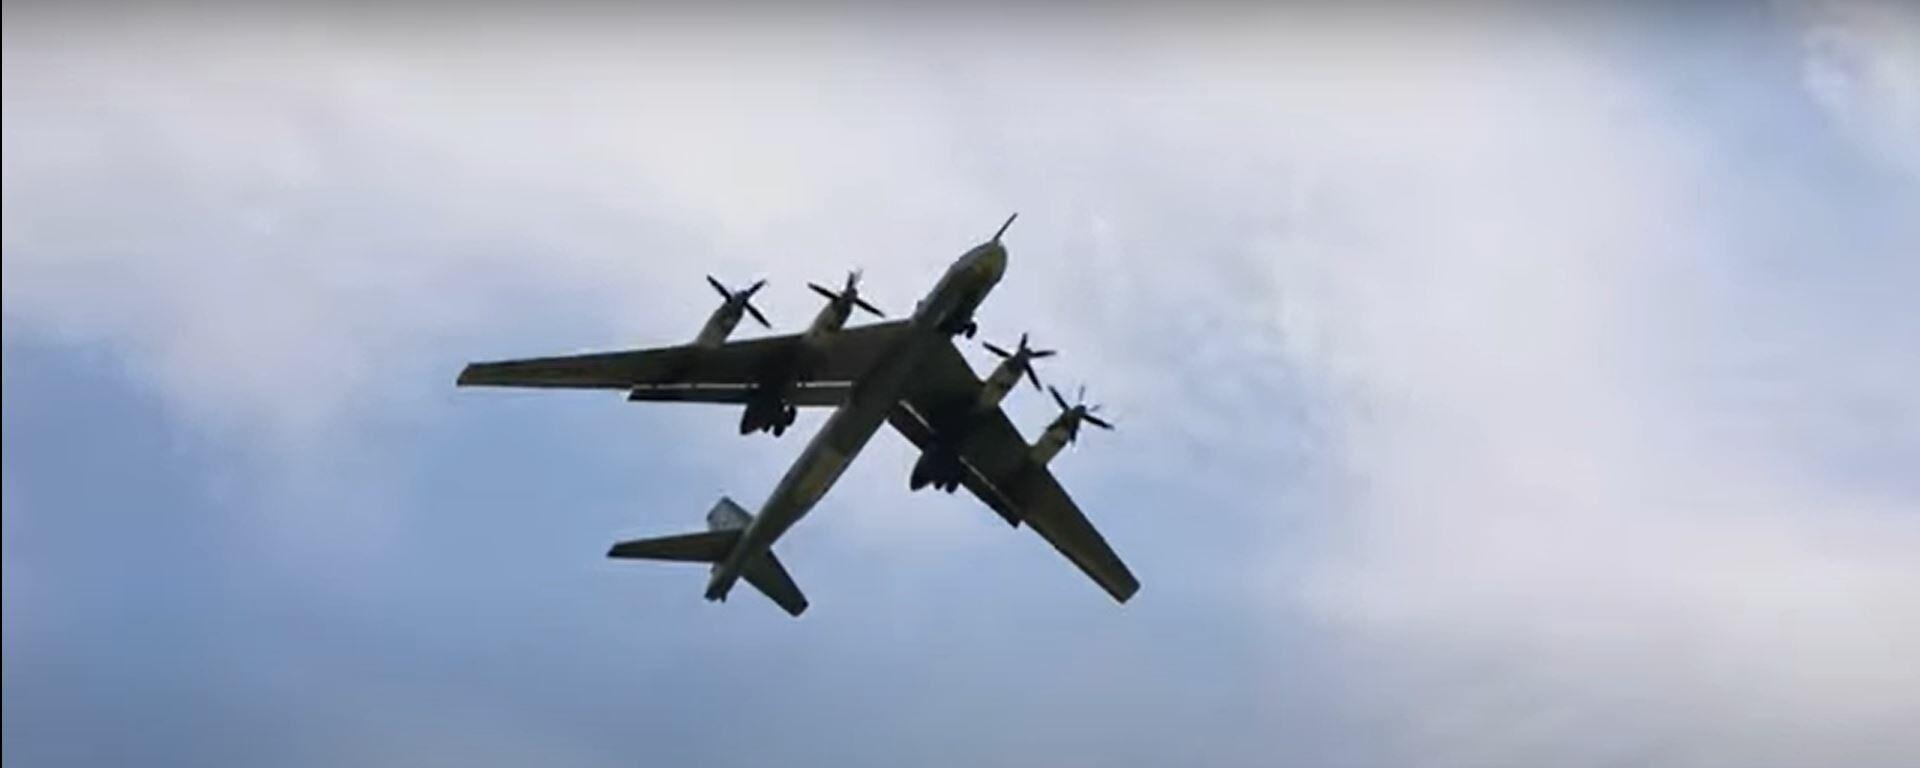 В небе Медведь: дозаправка в воздухе российского Ту-95МС - Sputnik Латвия, 1920, 30.07.2021